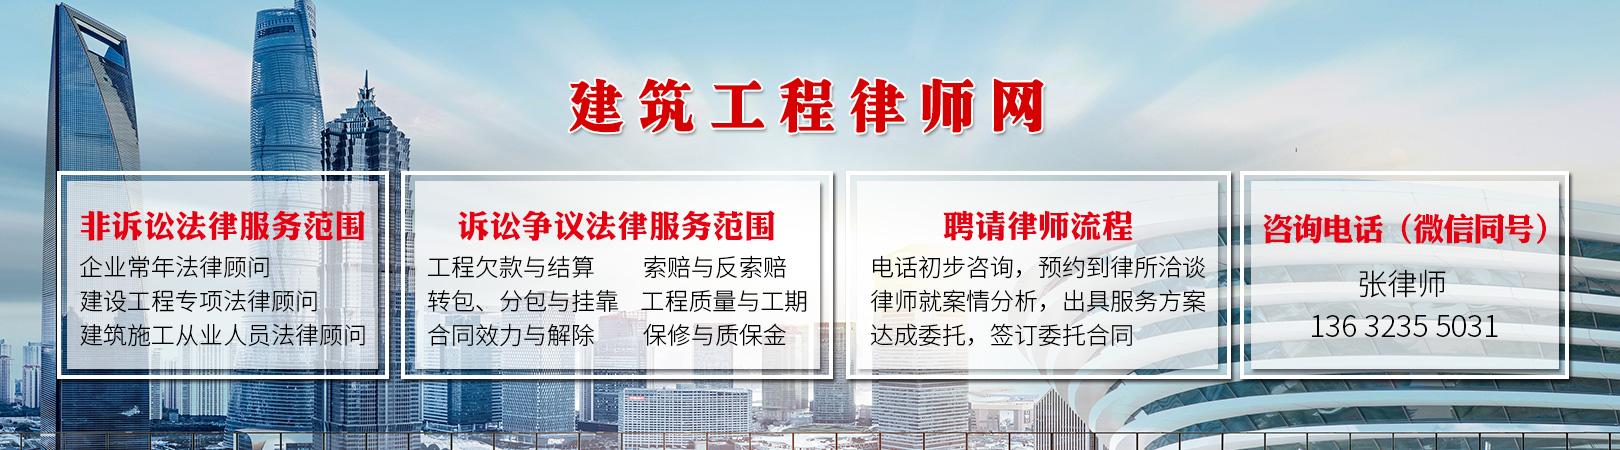 广州工程分包合同律师.jpg